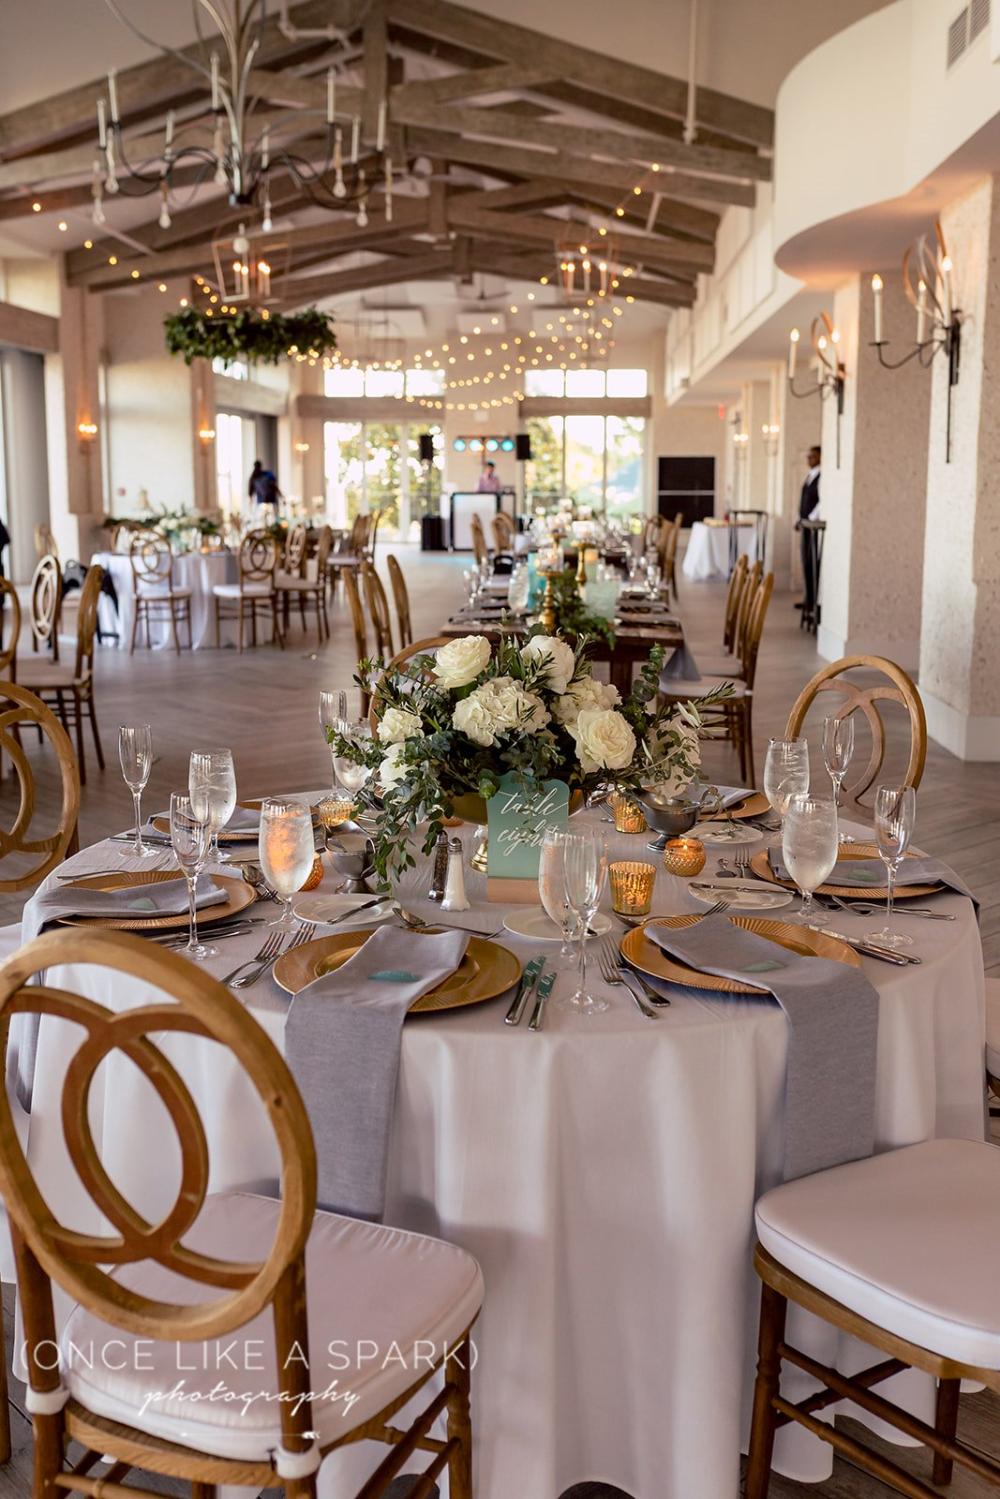 Westin Wedding In Hilton Head Island Sc Drew Tyler With Sarah R Hilton Head Island Wedding Hilton Head Island Hilton Head Wedding